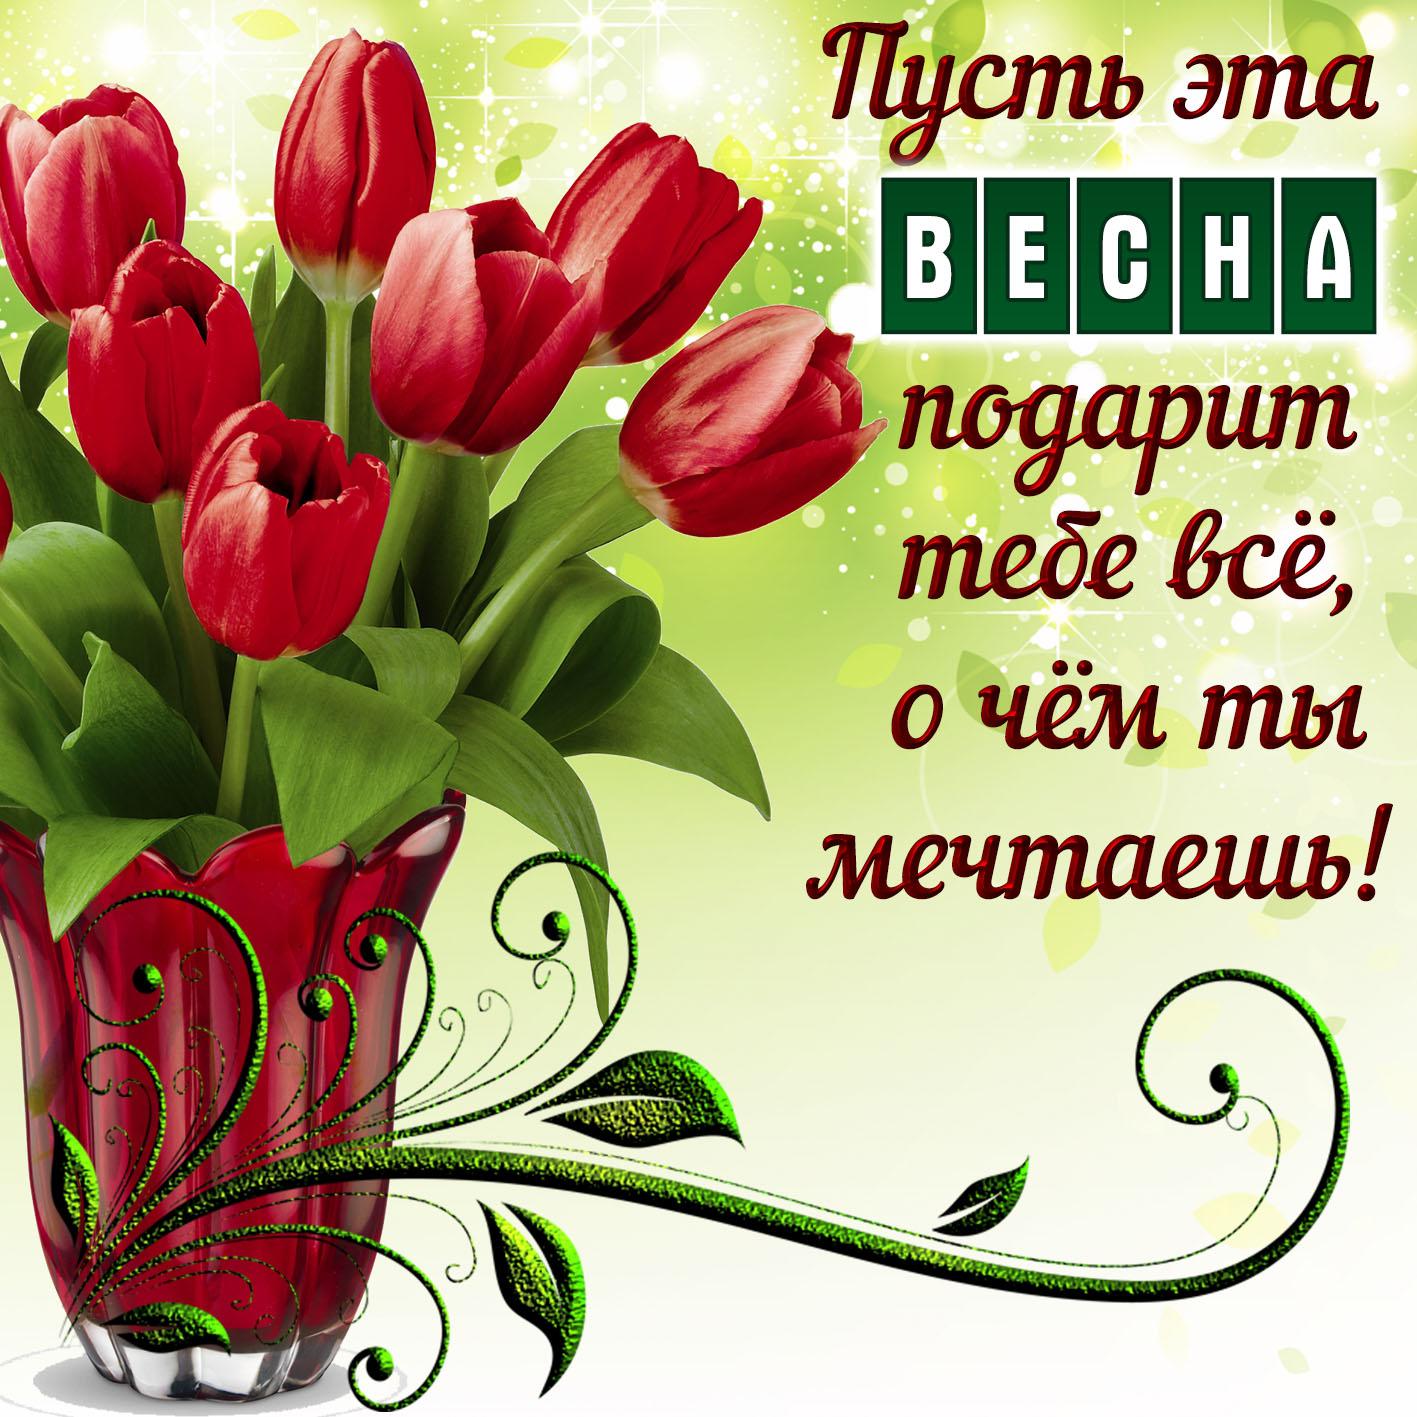 Открытка с пожеланием на весну и тюльпанами